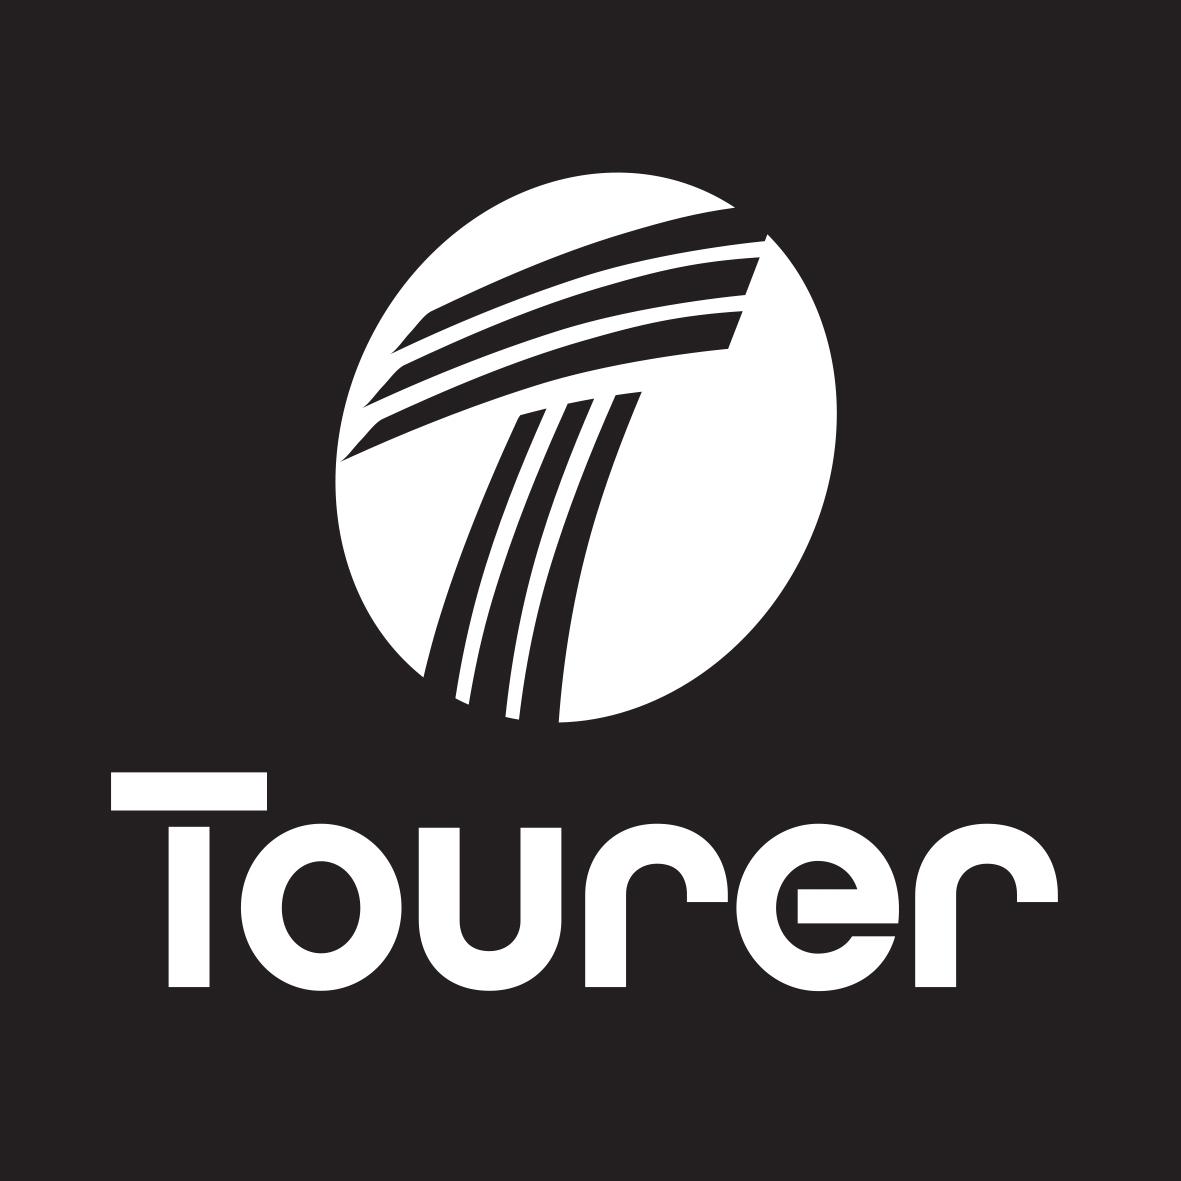 Tourer